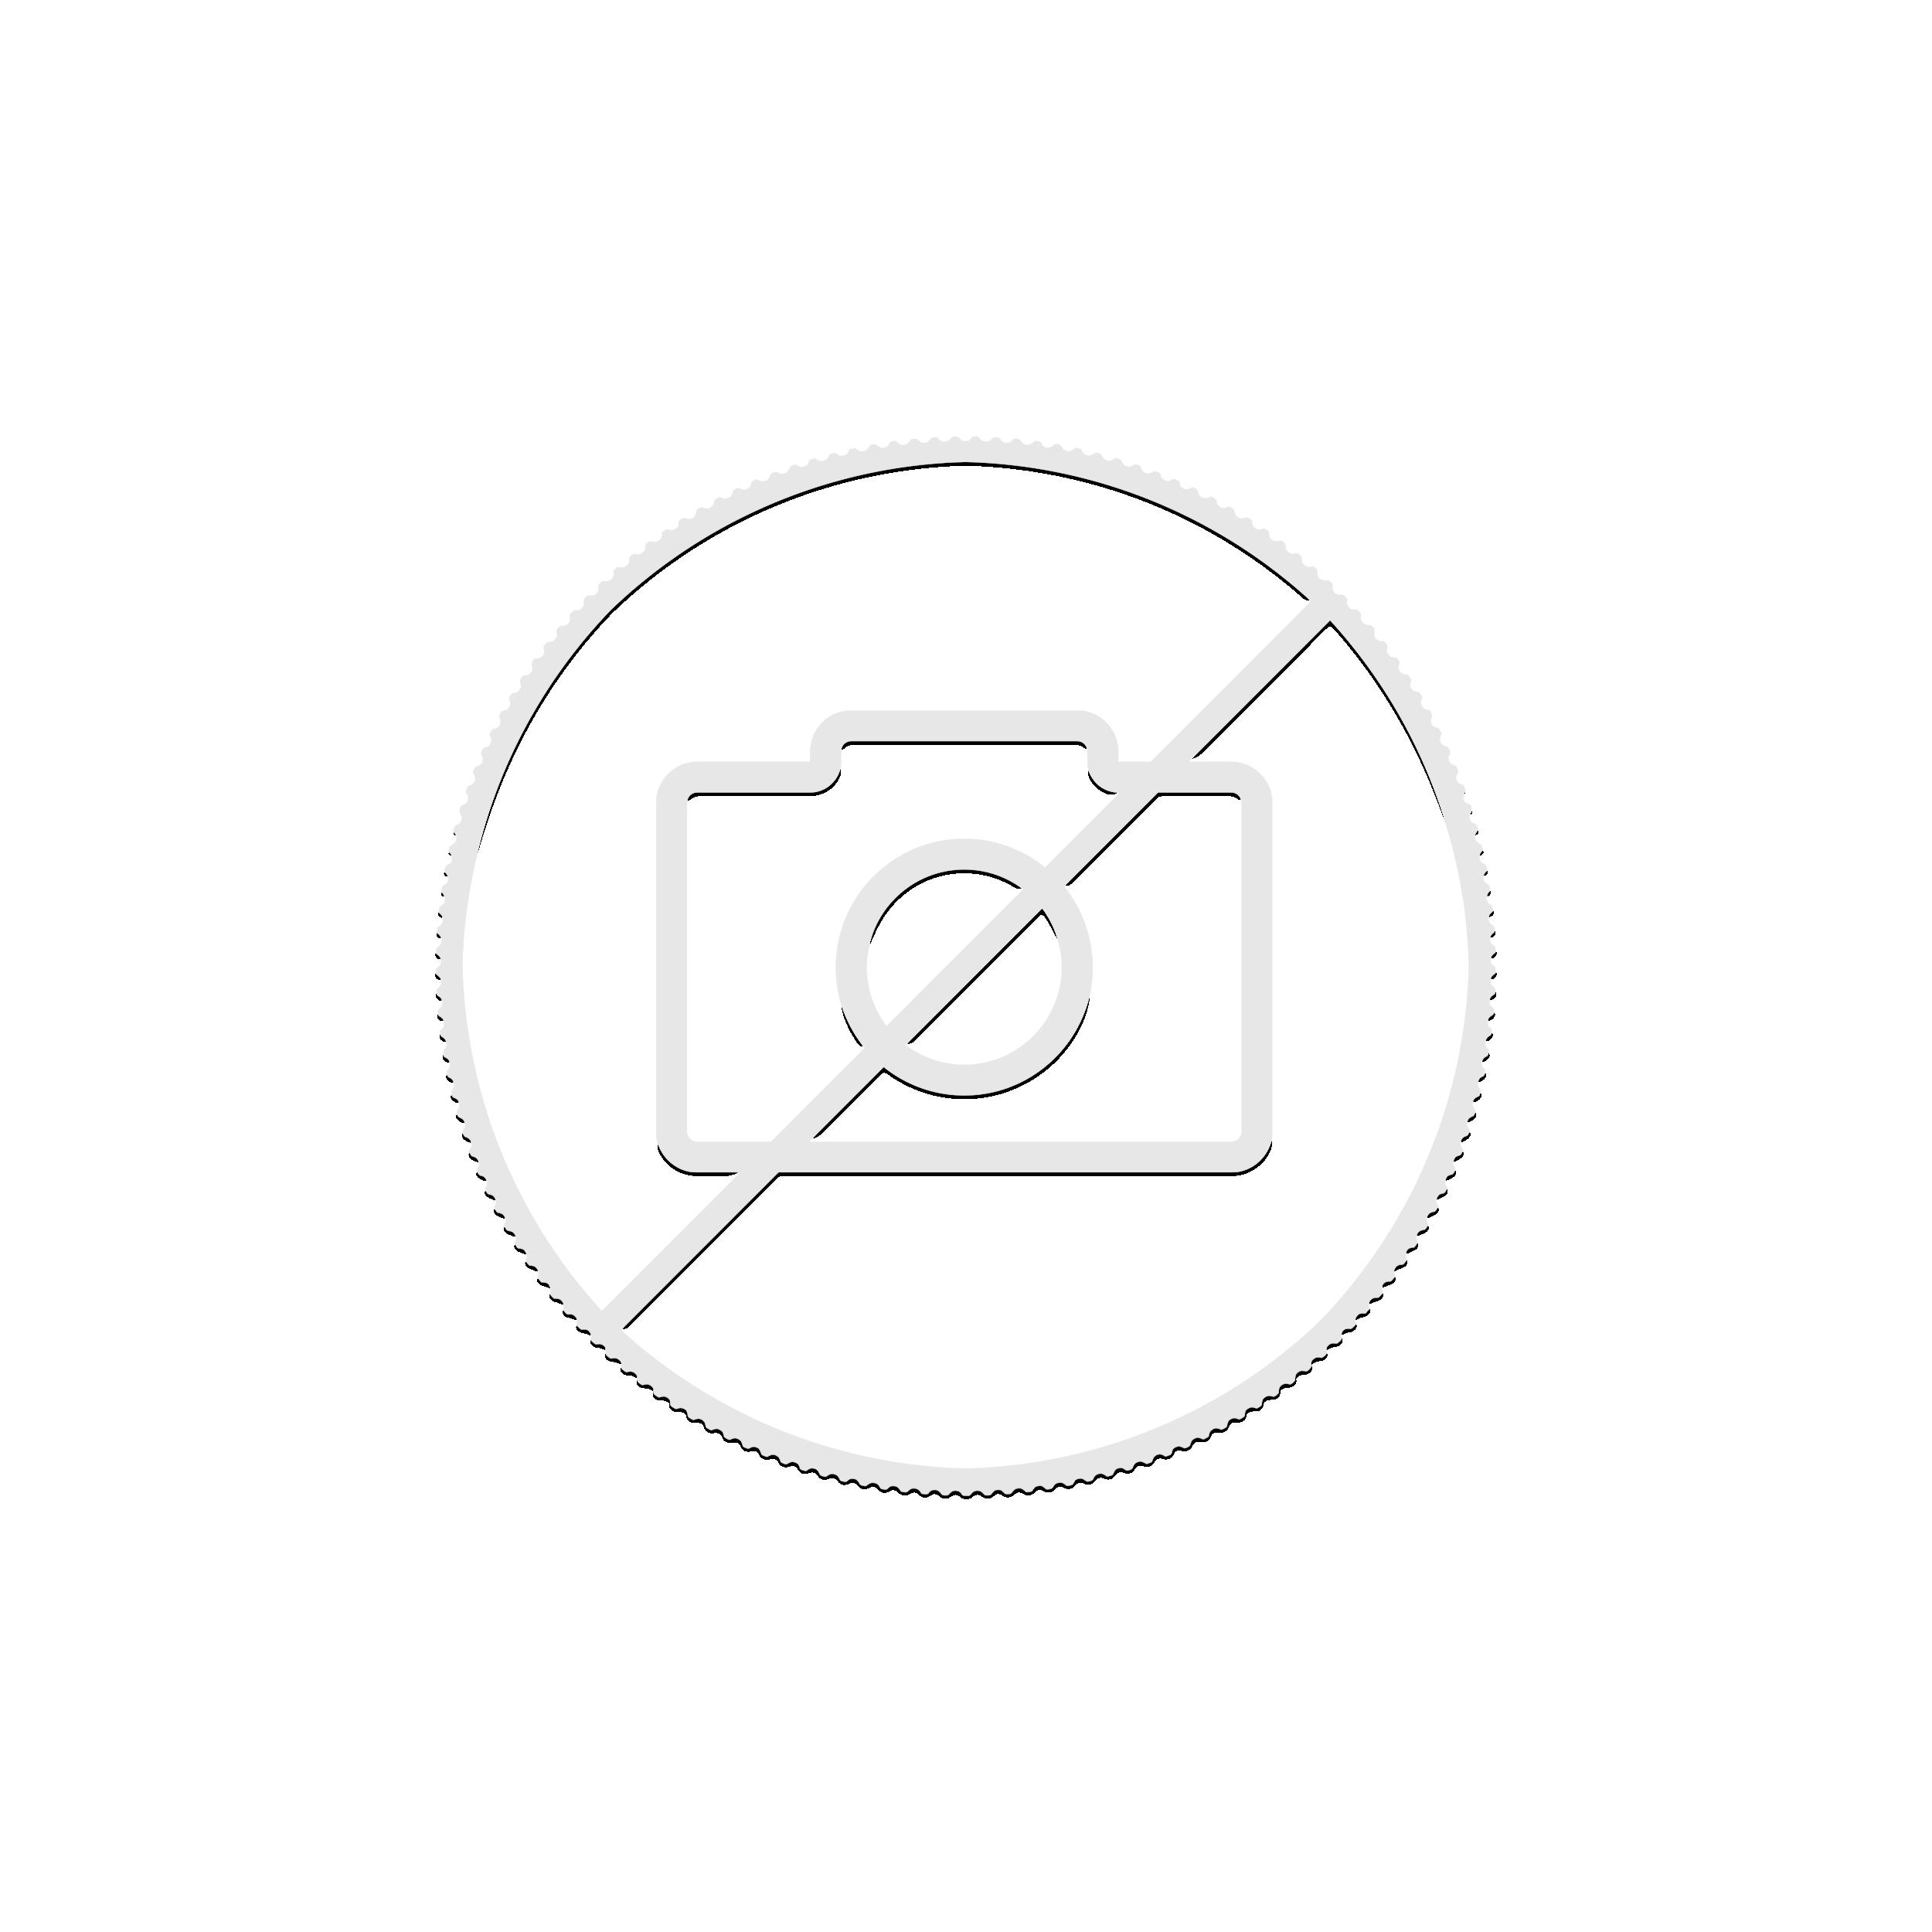 1 troy ounce gold coin Emu 2021